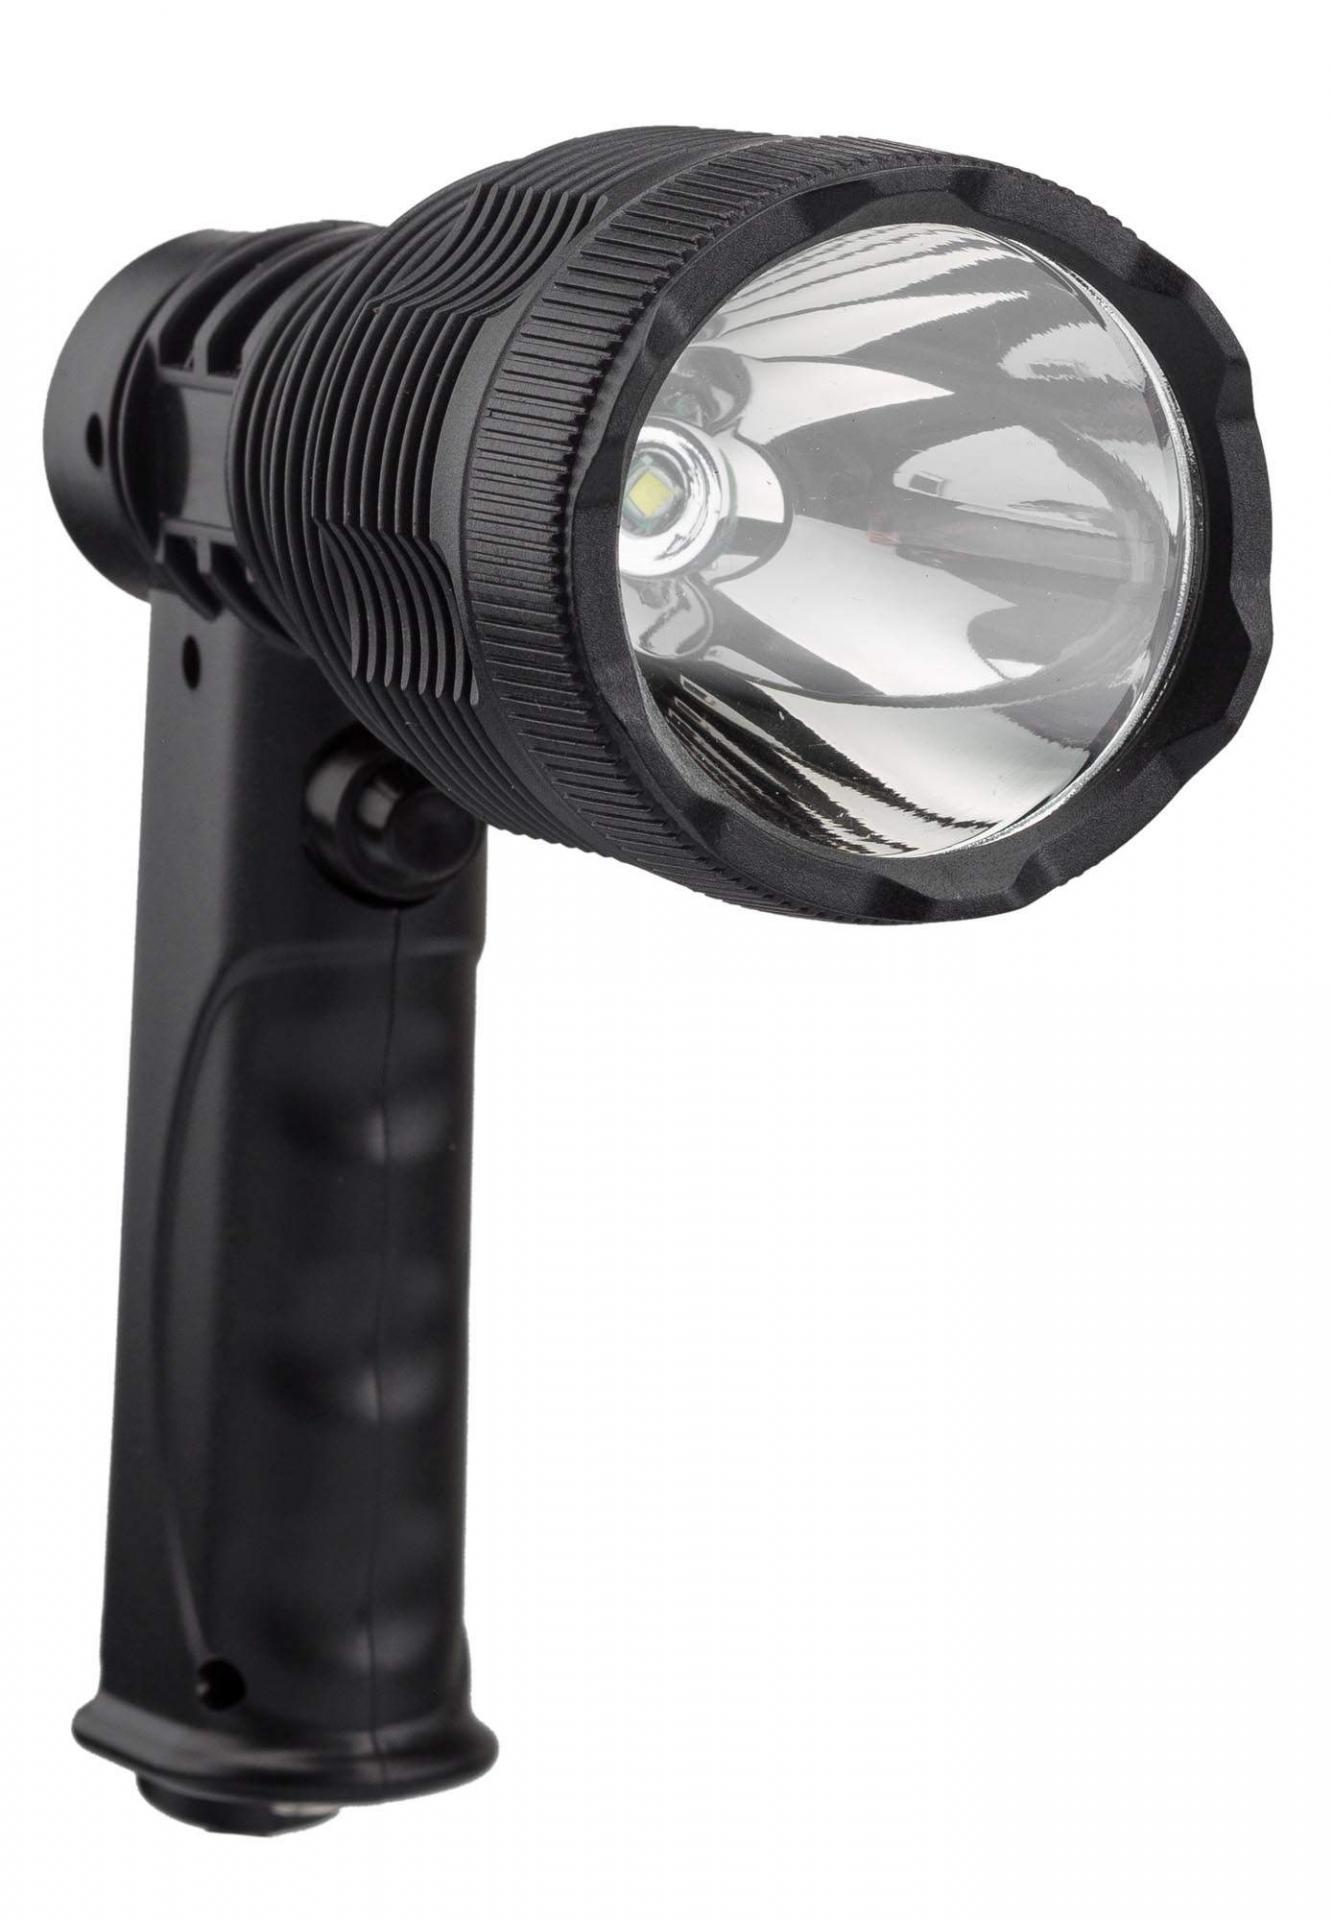 Lampe spot led puissance 800 lumens chasseur et compagnie